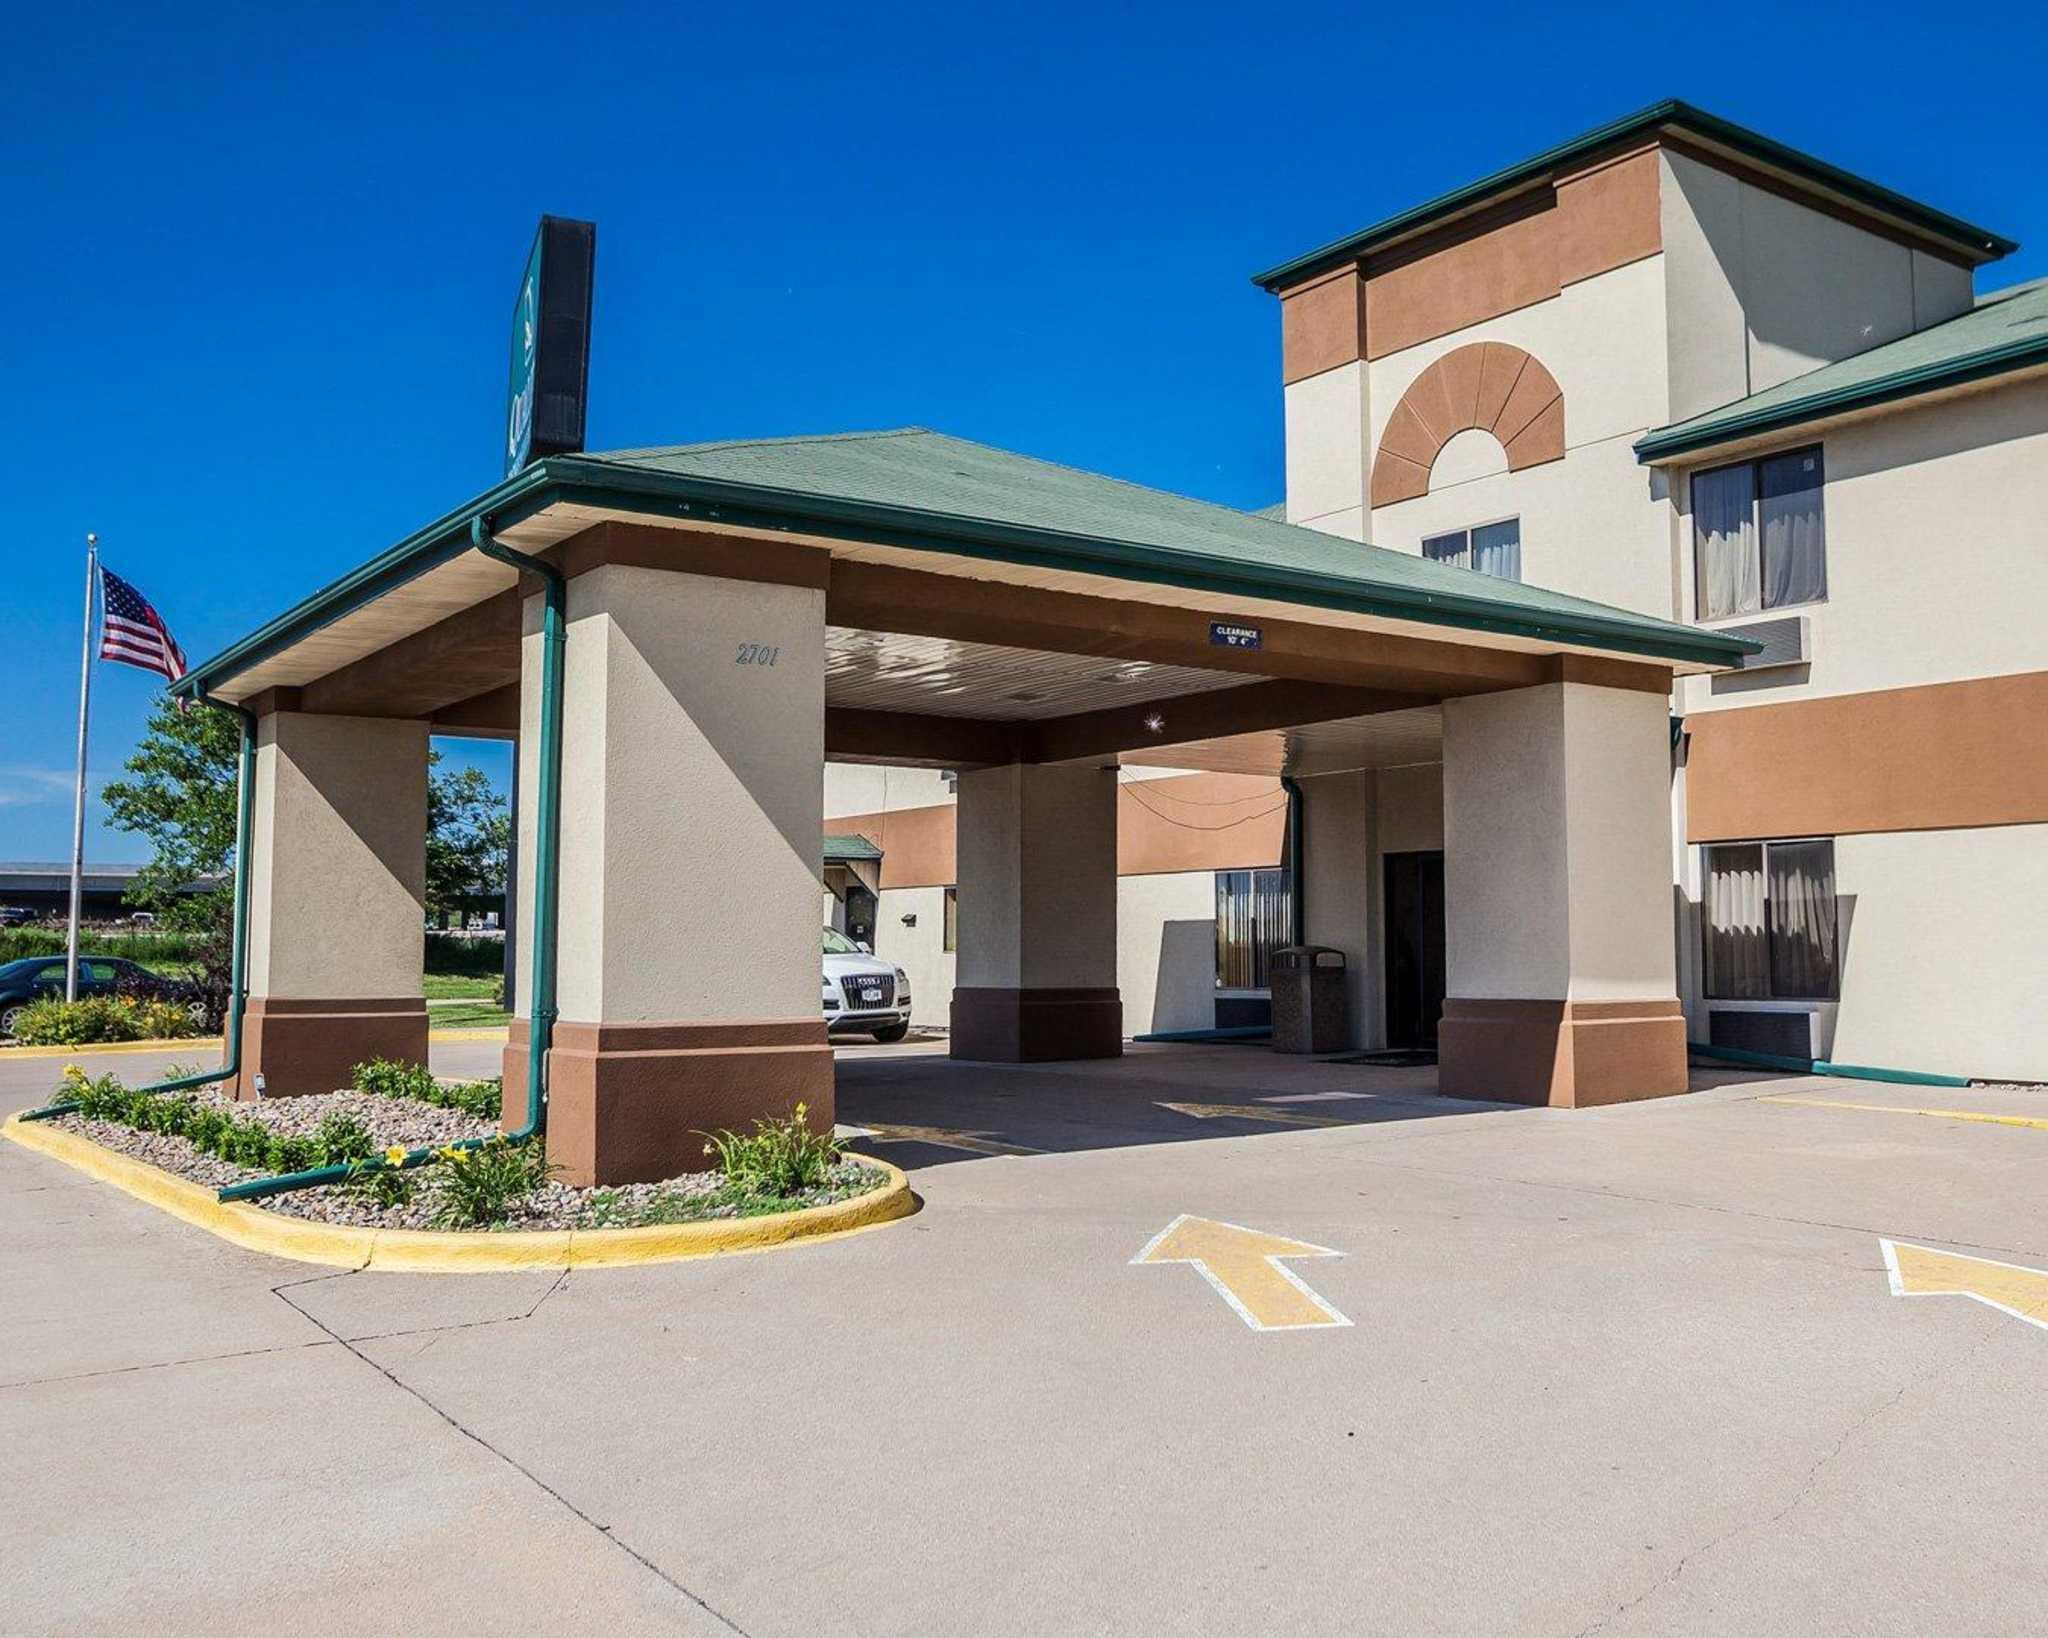 Quality Inn & Suites Altoona - Des Moines image 3